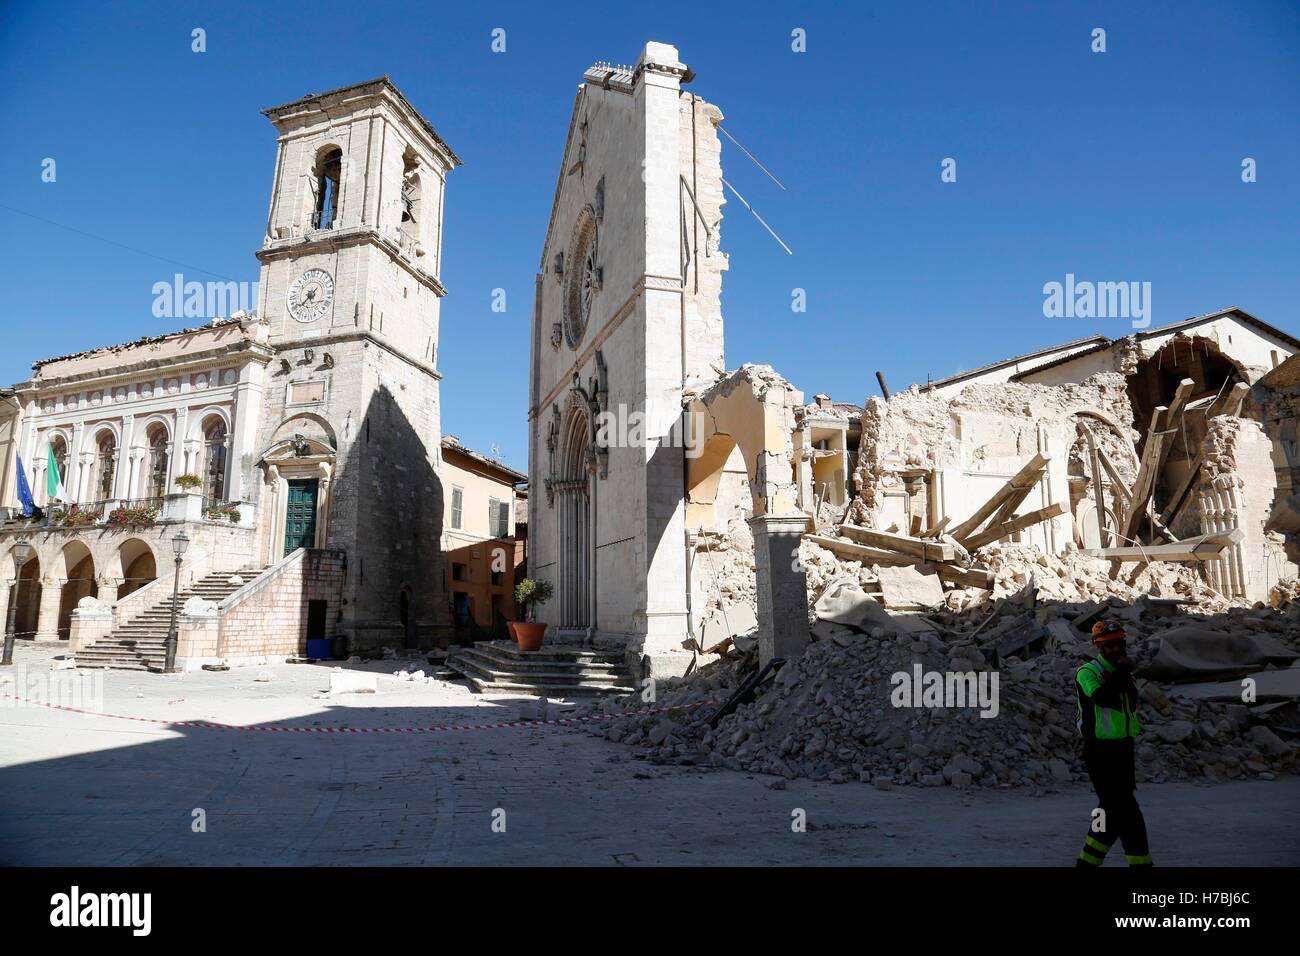 Norcia (Perugia) 6.5 grandezza terremoto che ha colpito l'Italia centrale di domenica 30 ottobre, che non provoca Immagini Stock